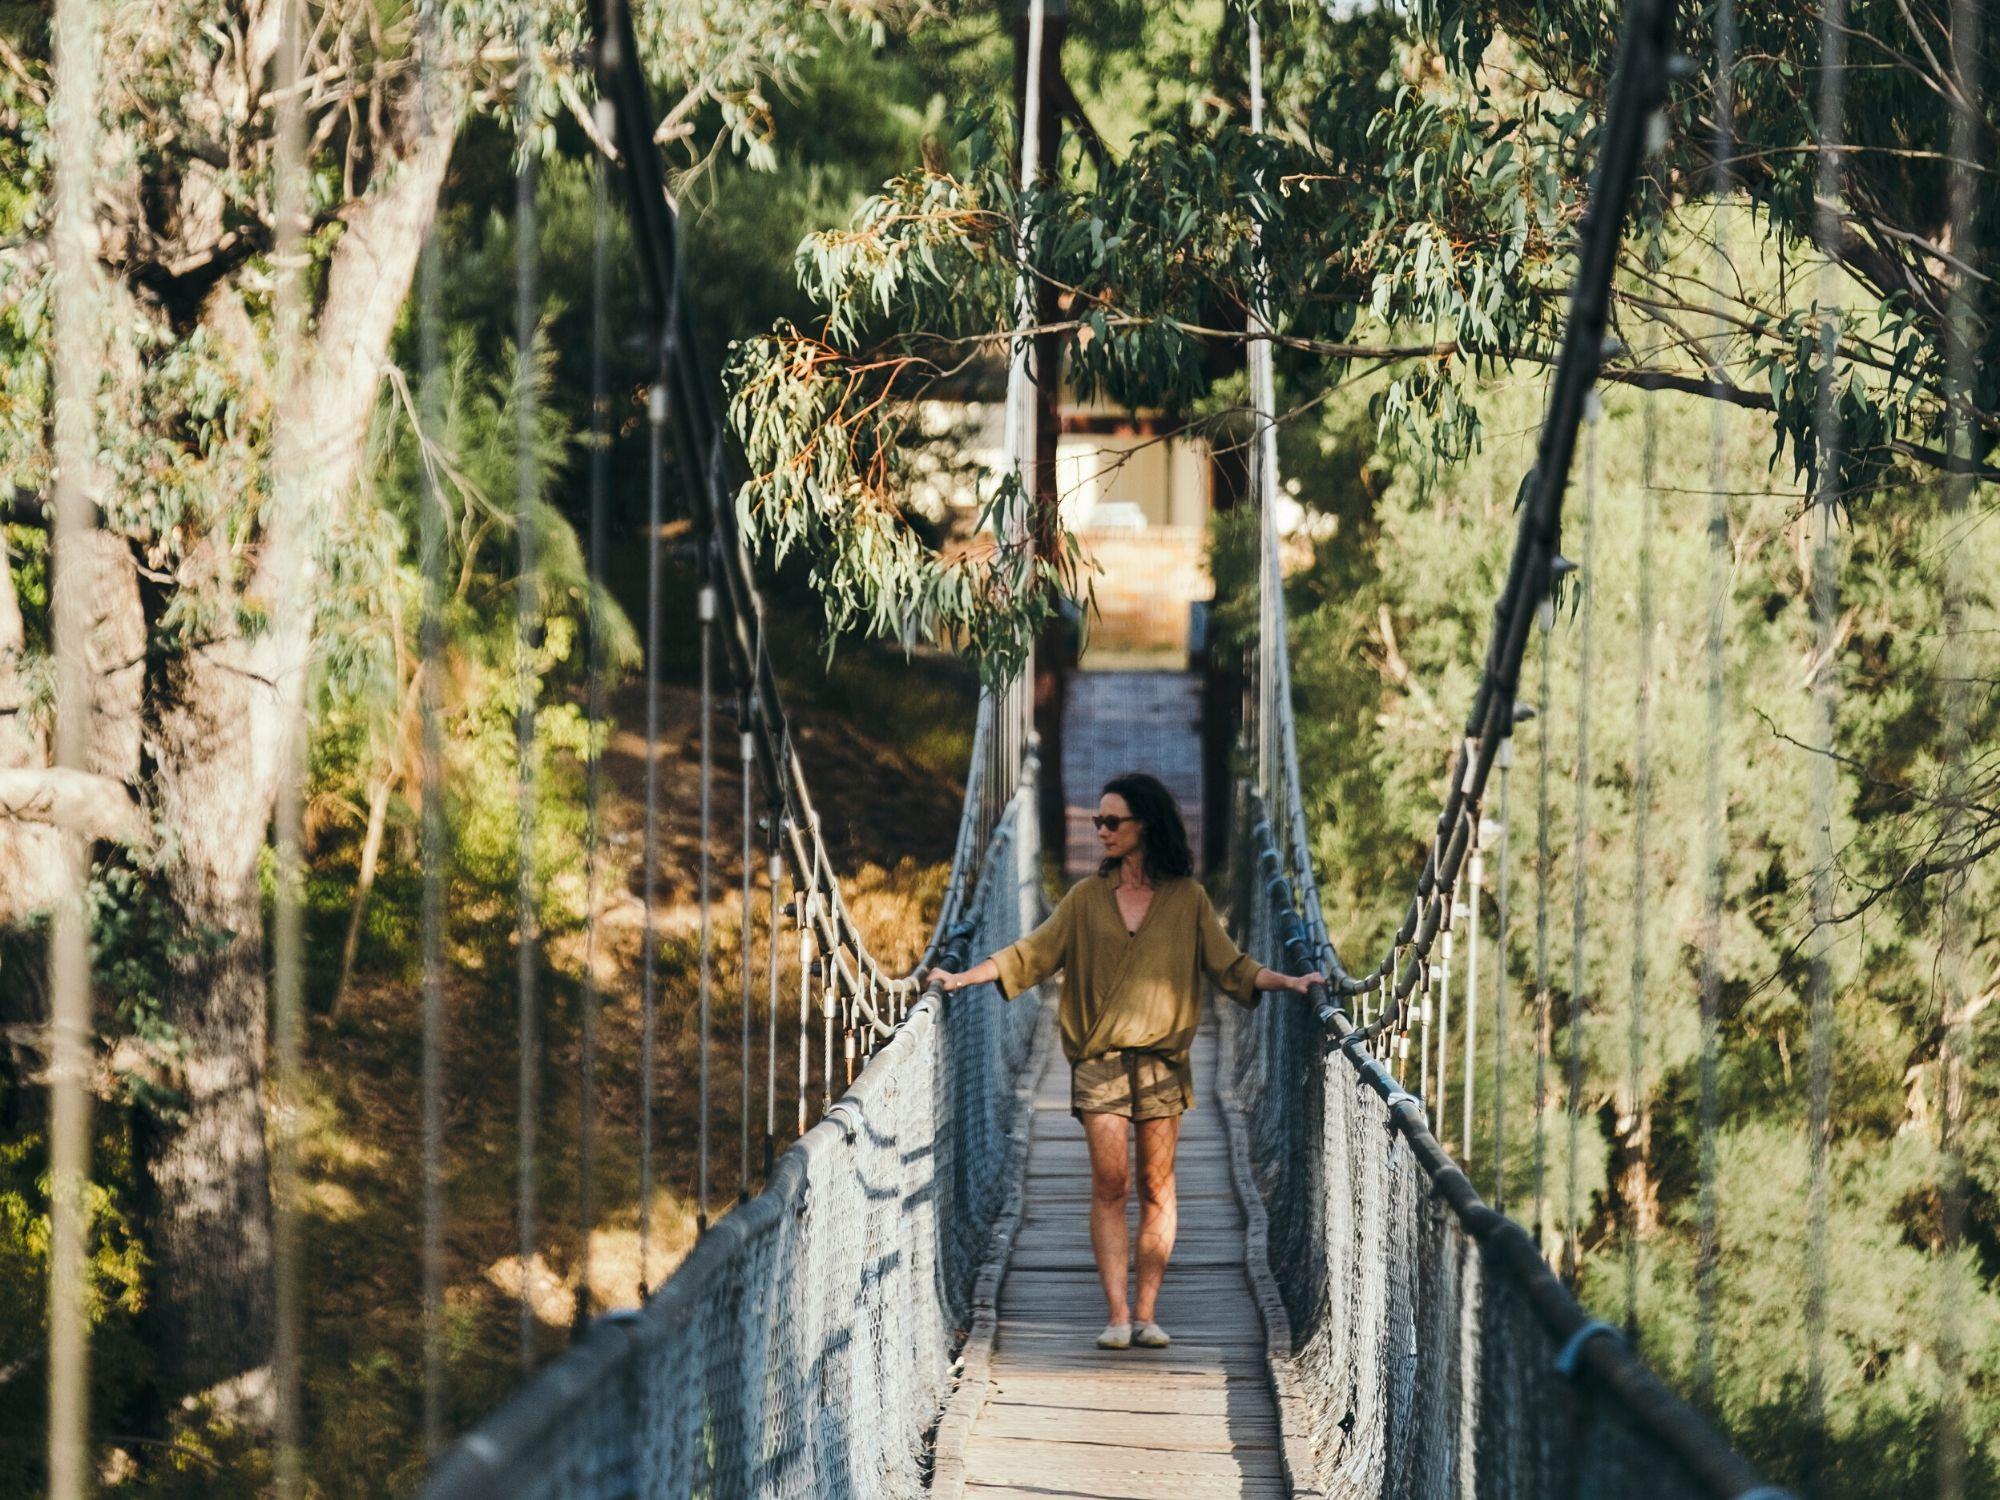 Pinjarra Heritage Walk - Suspension Bridge - Visit Mandurah